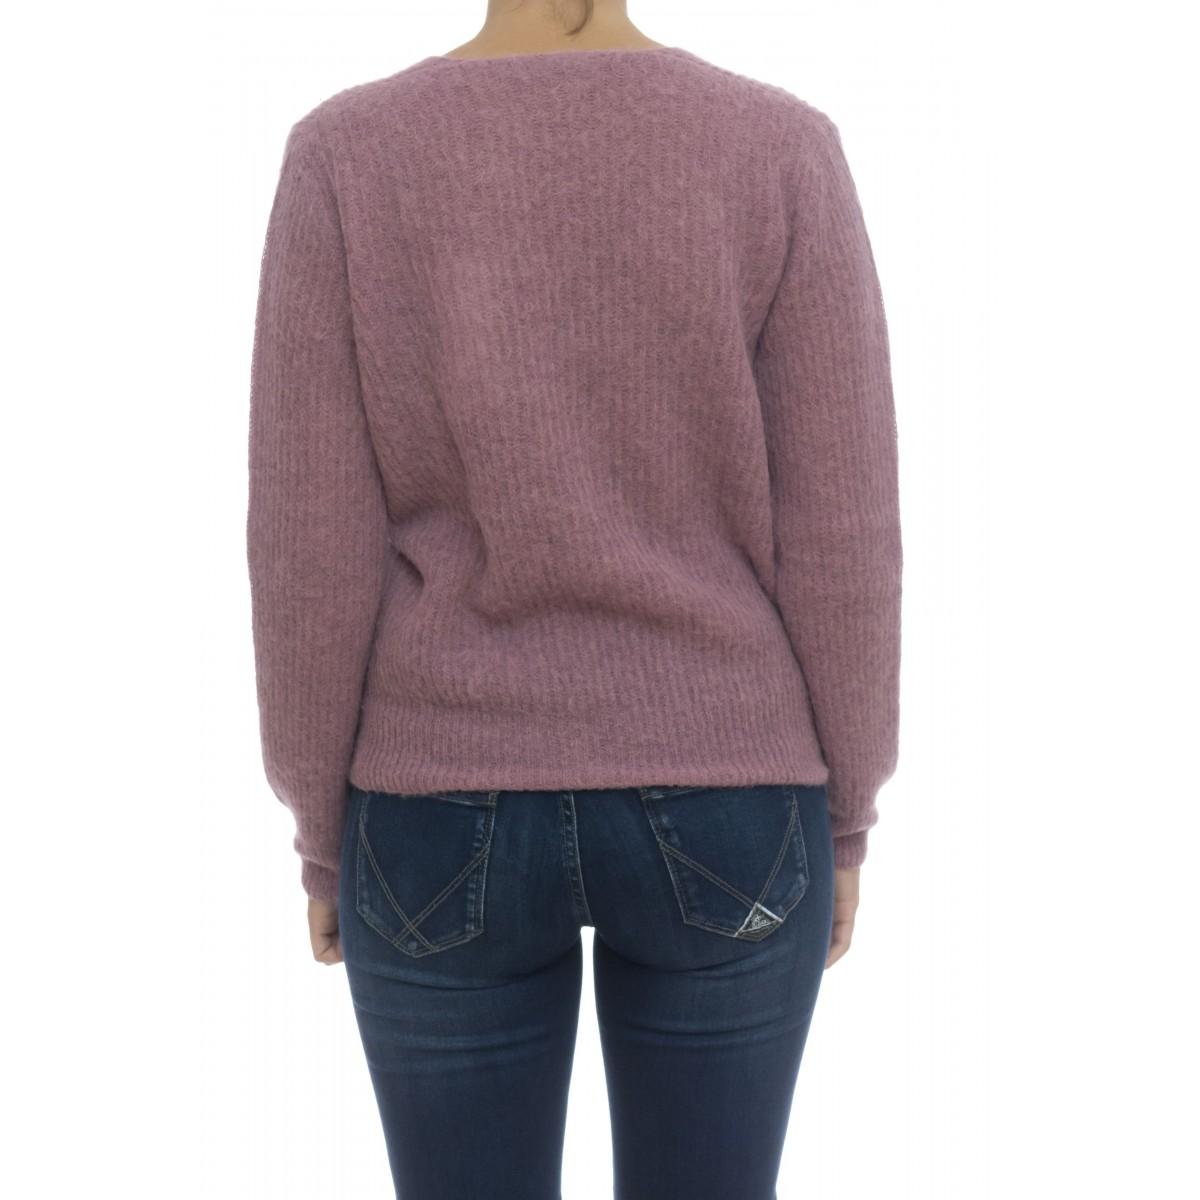 Maglieria - 8634/02 maglia coste inglese a v